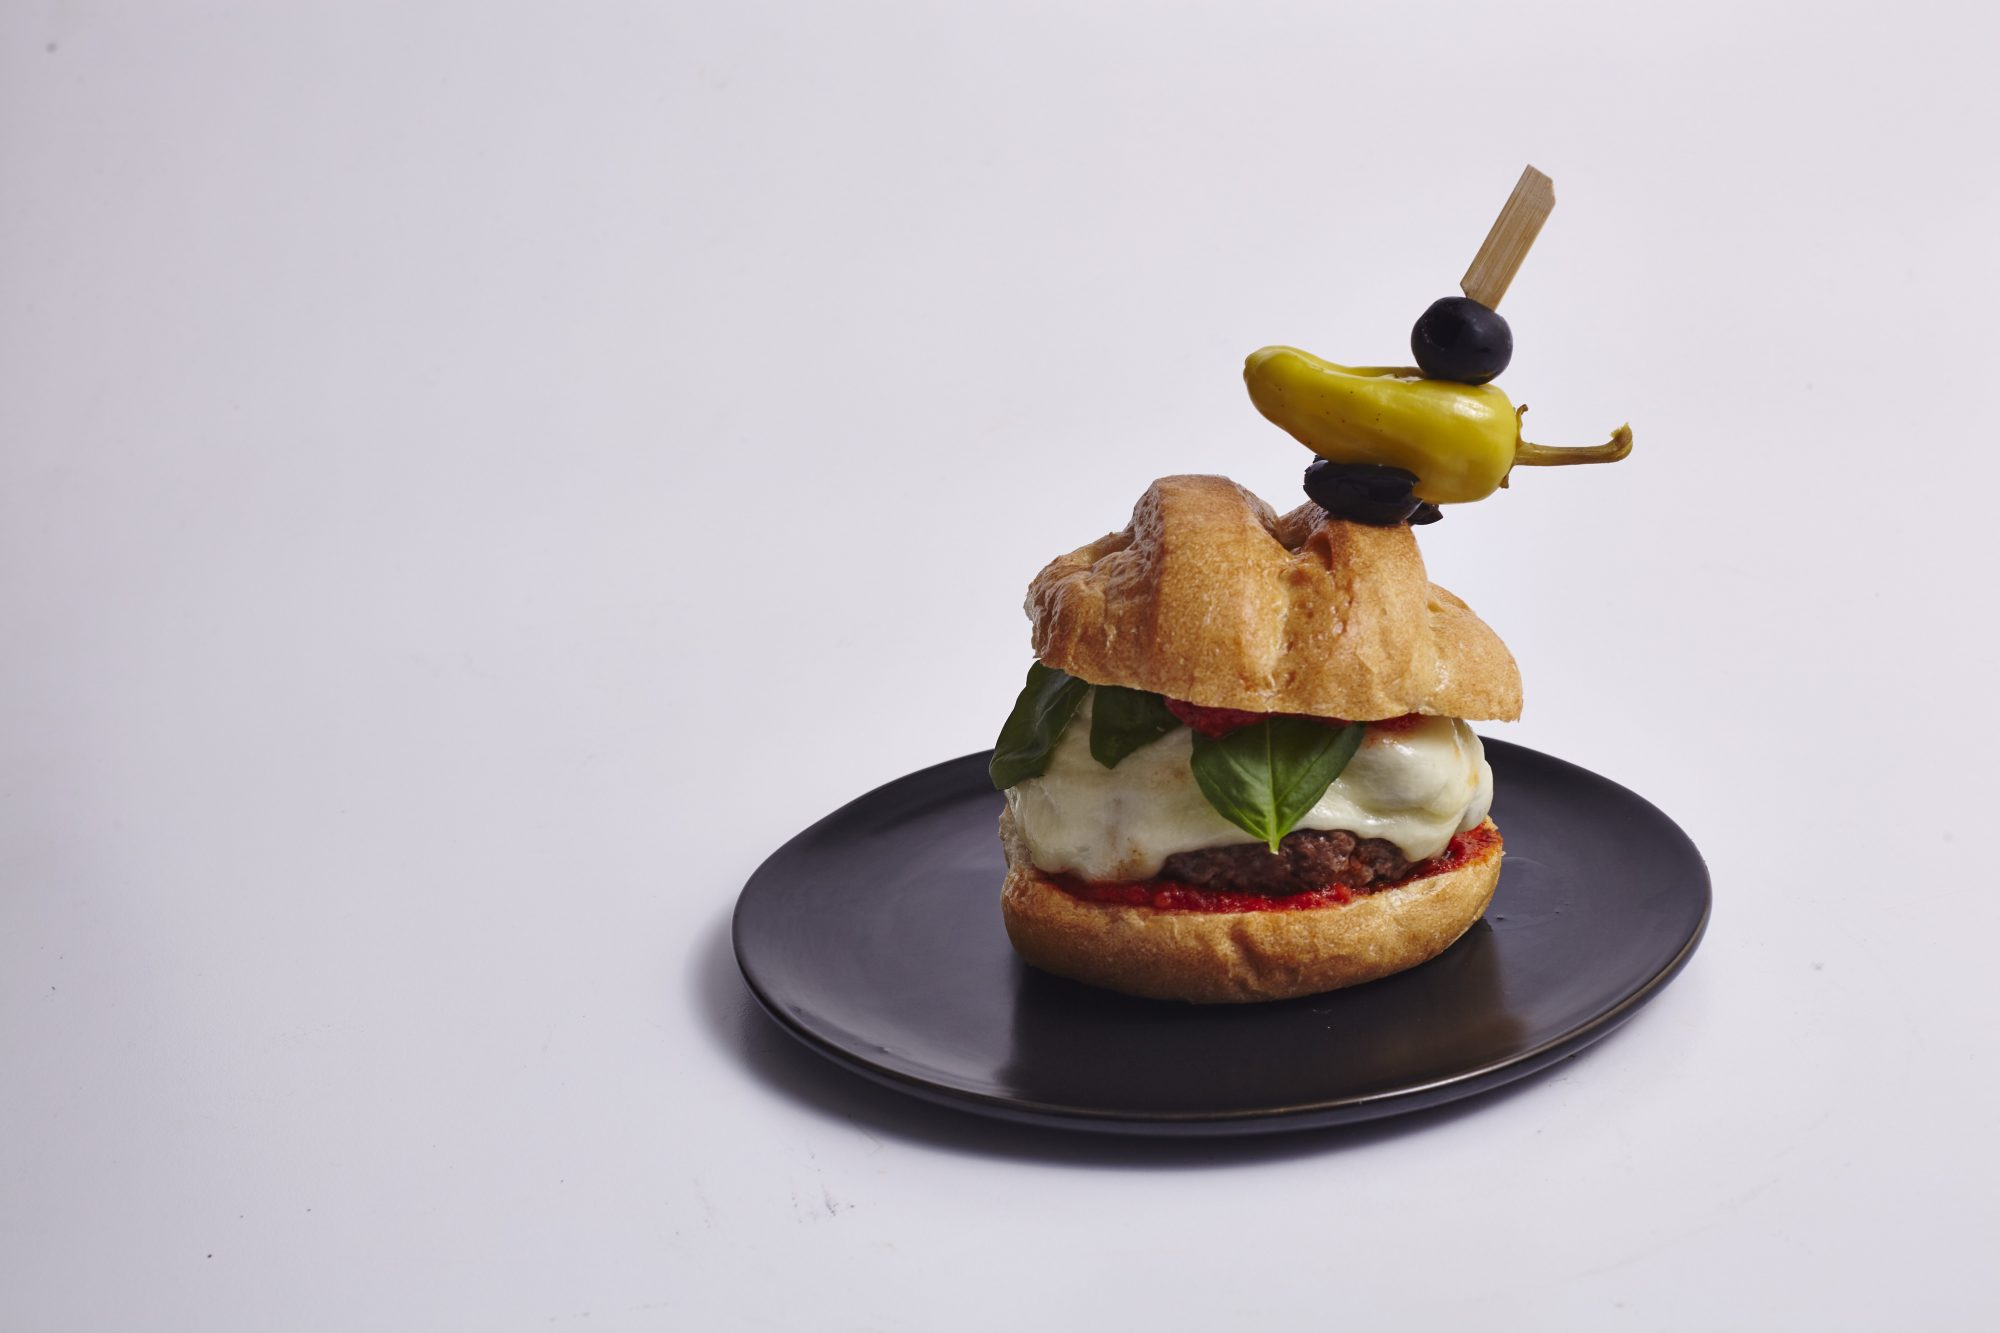 Pizza-Stuffed Cheeseburger image